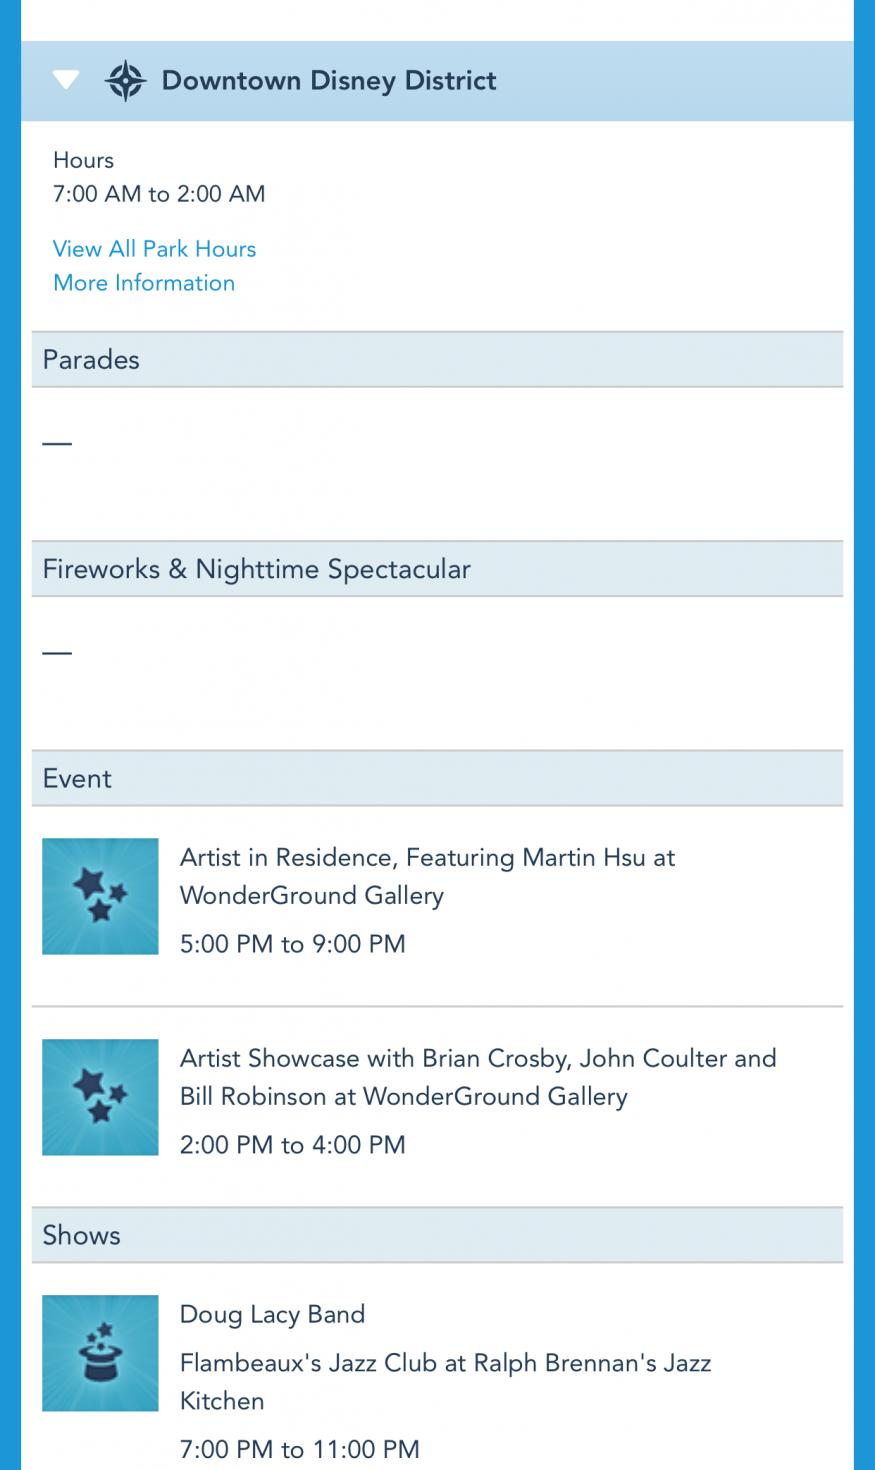 公式ページ。デイスケジュールのダウンタウンディズニーカテゴリにもアーティストイベントが掲載されてます。